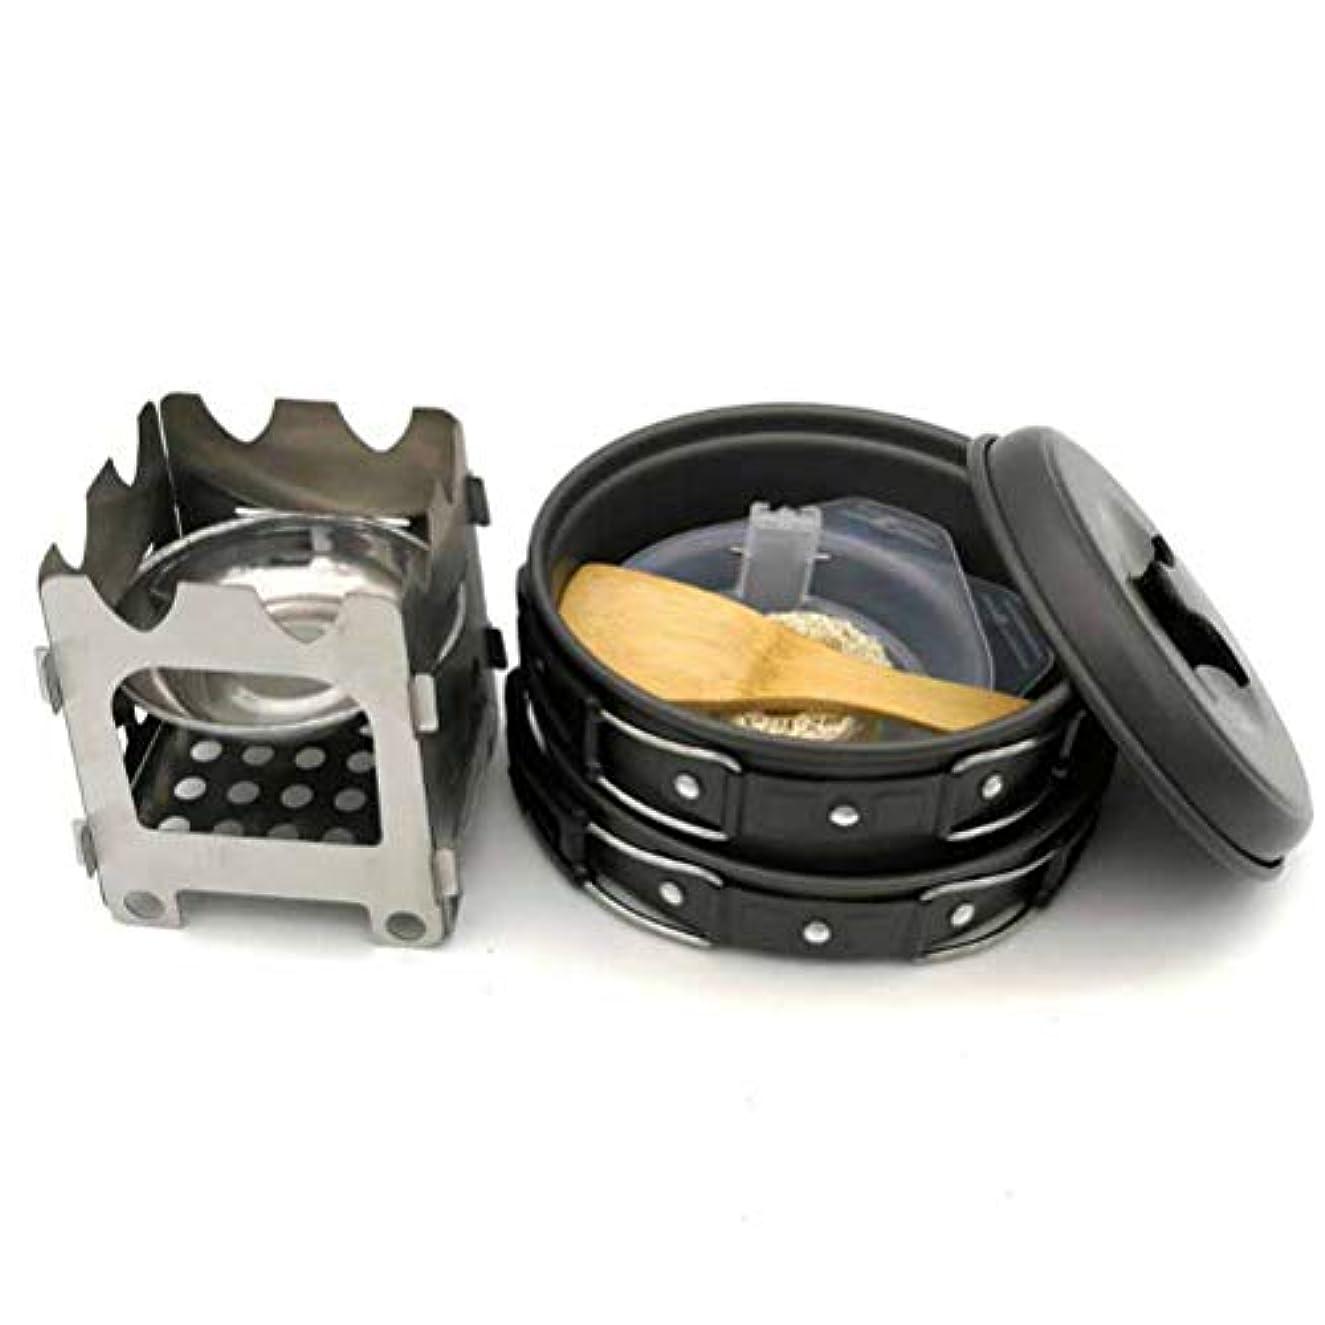 ウィザード醸造所まっすぐJACKBAGGIO 新しい ポータブル アルミニウム合金 アウトドア キャンプ用調理器具セット ハイキングポット鍋 にとって 1-2人 あり 薪ストーブ